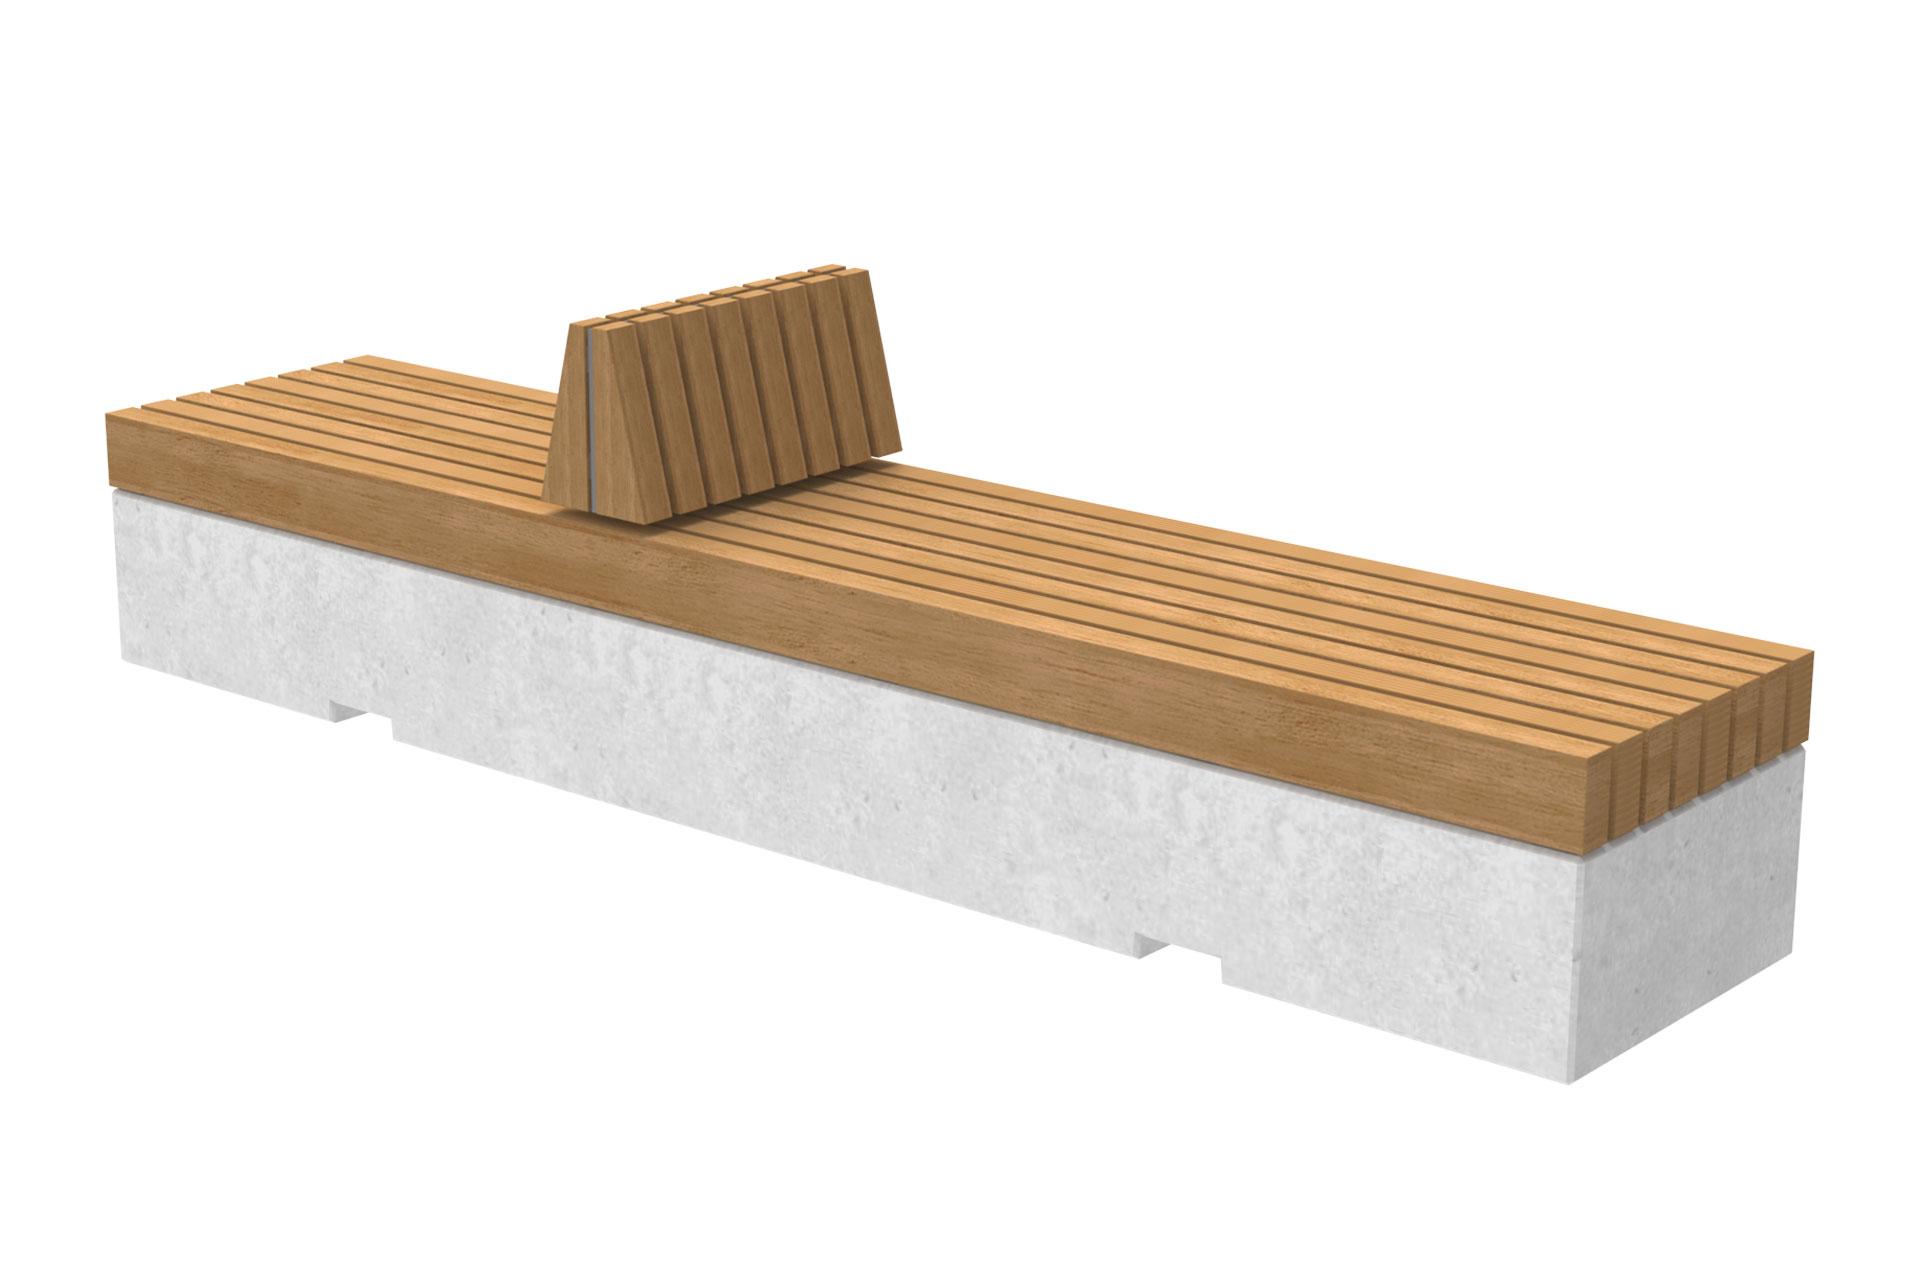 UrbanObjekts Trave Sitzgelegeneheiten Beton mit Rückenstütze